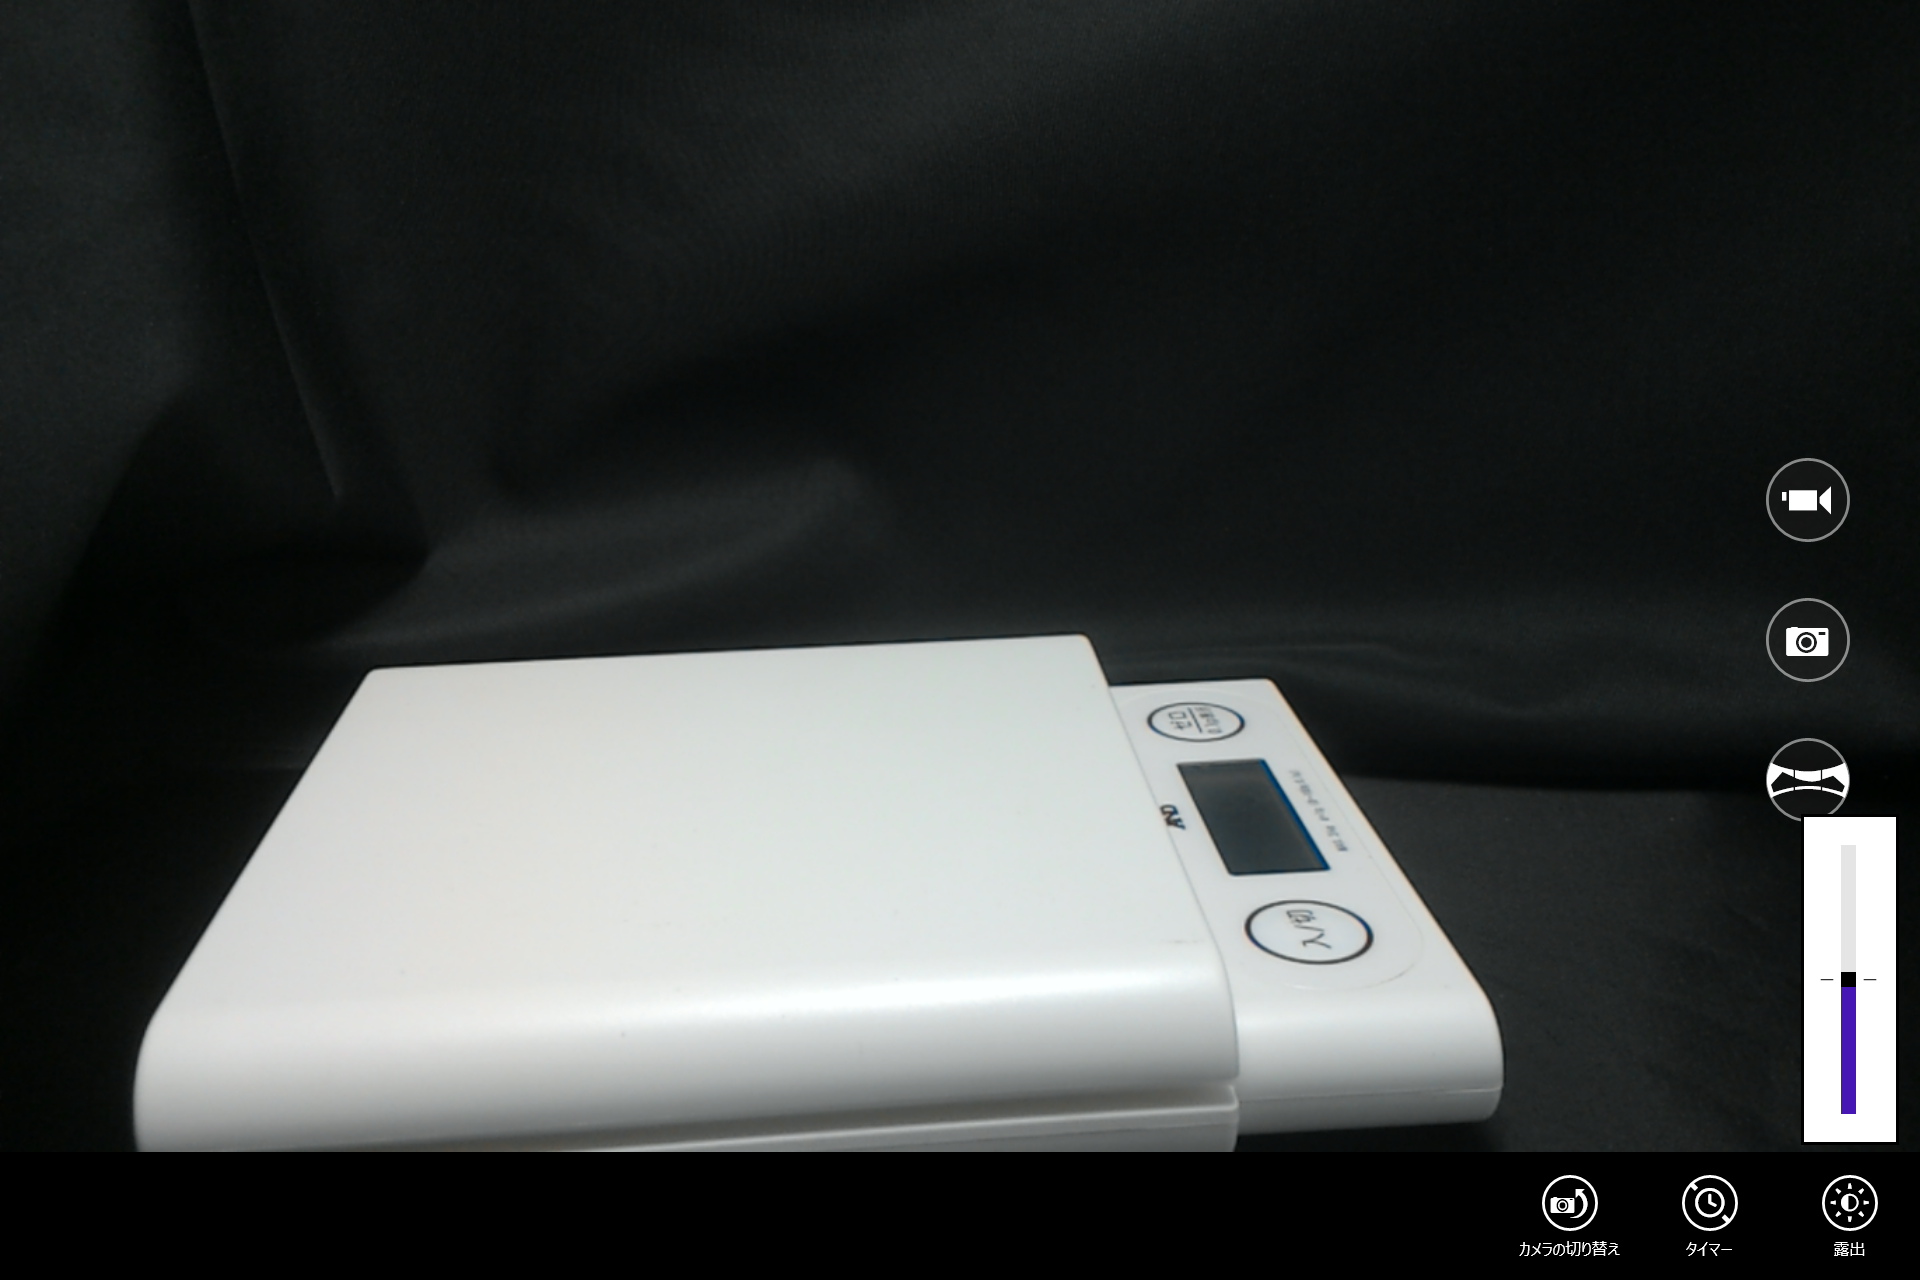 標準のカメラアプリでは調整できるのは露出ぐらいであとはフルオートになる